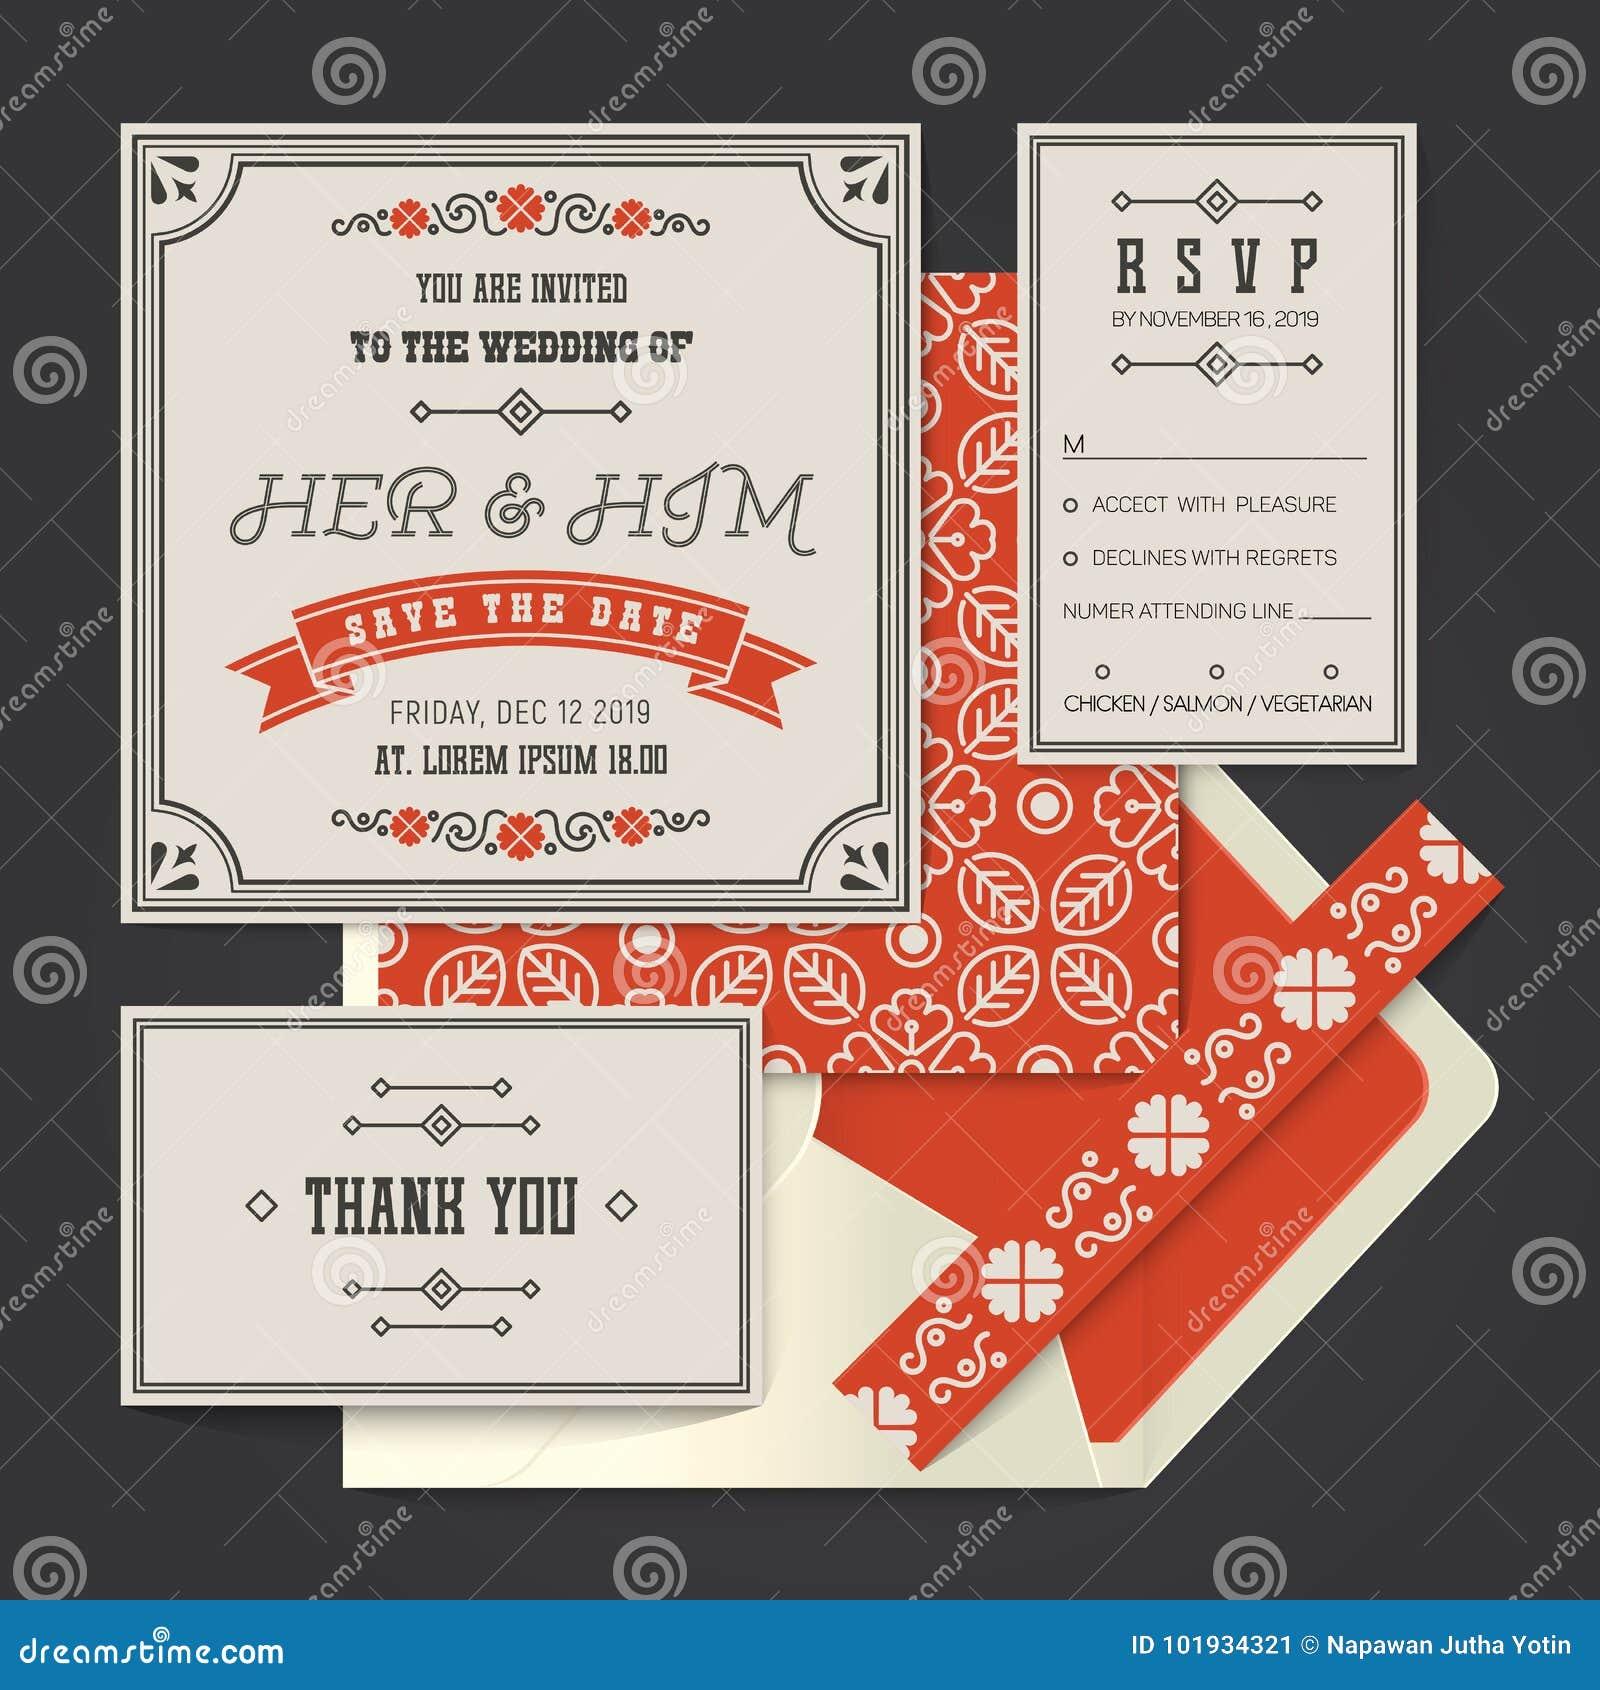 Vintage Retro Vector Wedding Invitation Card Template Stock Vector ...